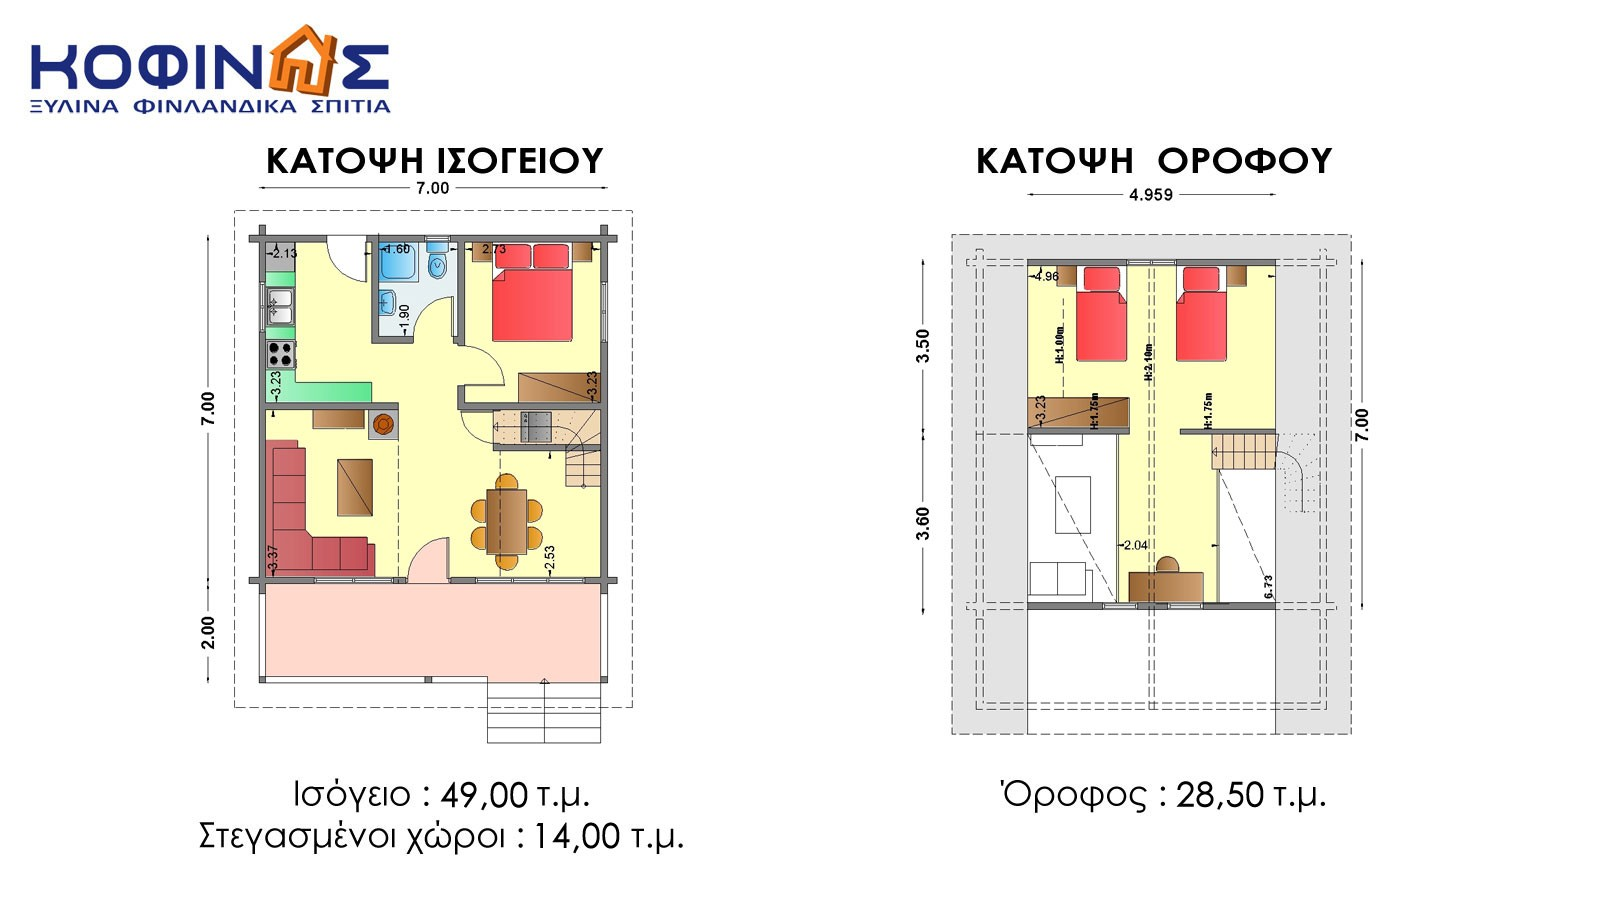 Διώροφη Ξύλινη Κατοικία XD-77a, συνολικής επιφάνειας 77,50 τ.μ.